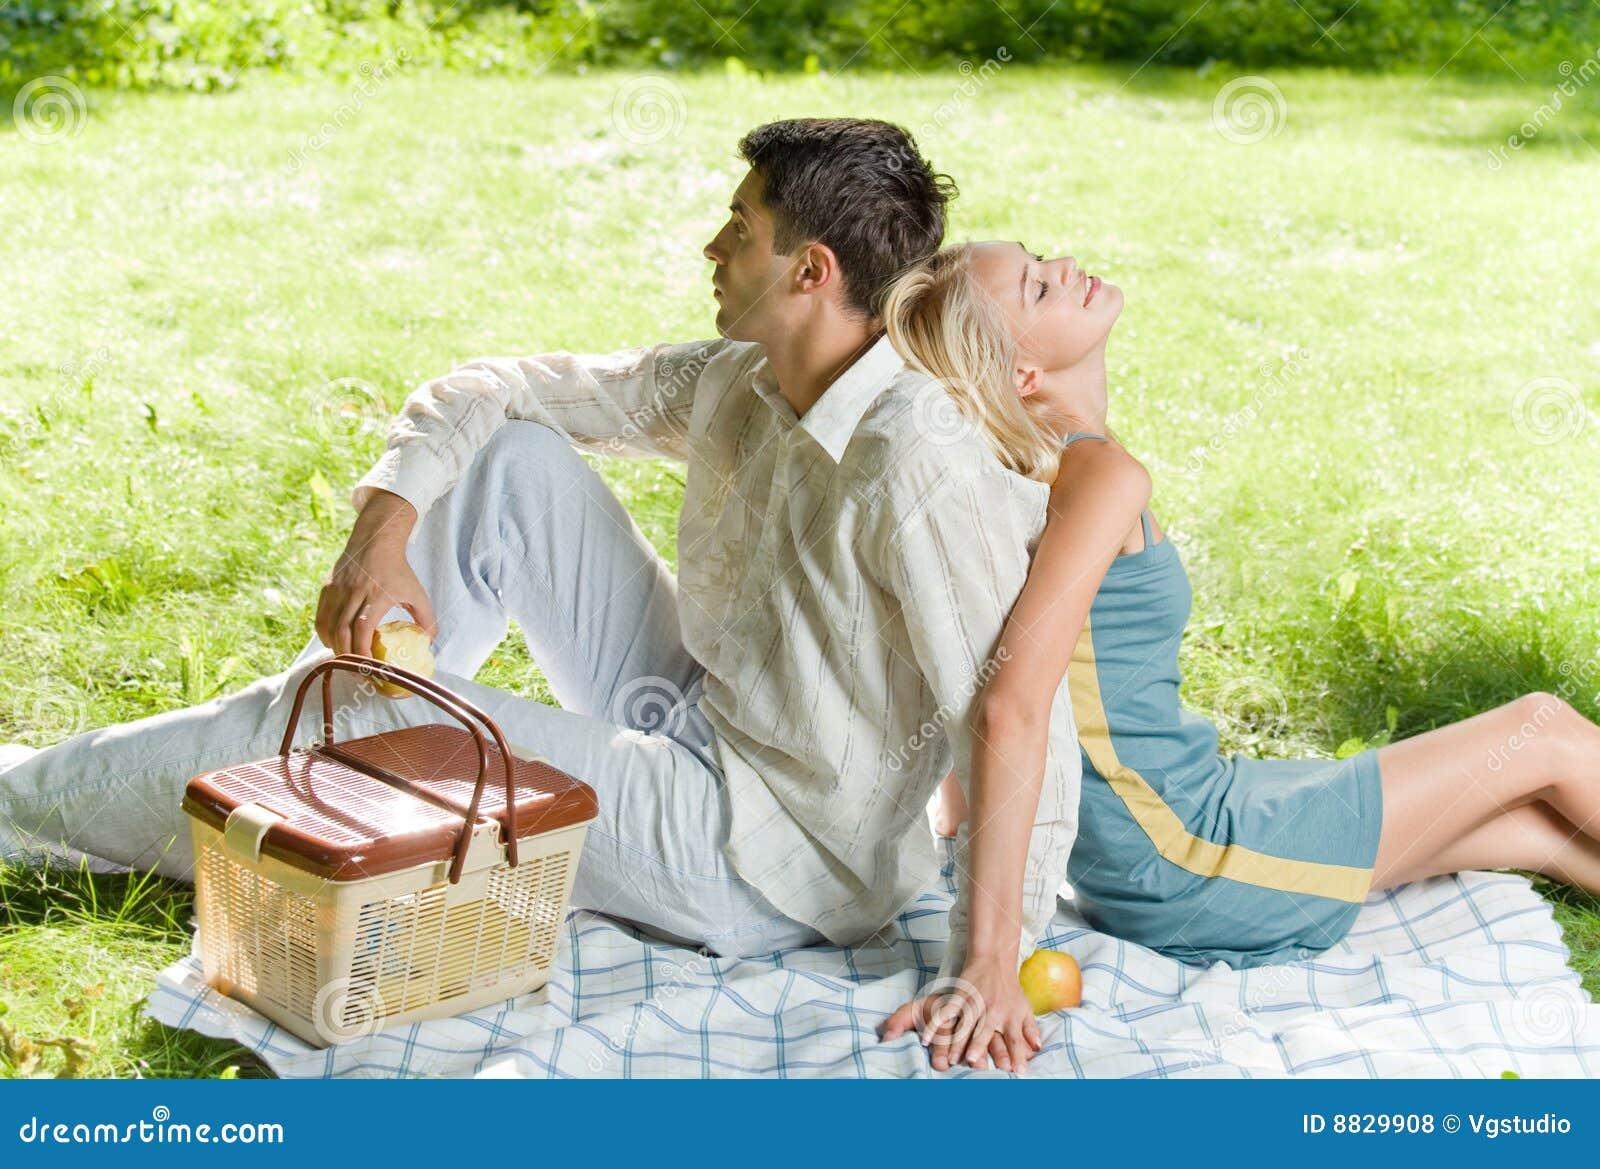 jeunes couples au pique nique photo stock image du m le rapport 8829908. Black Bedroom Furniture Sets. Home Design Ideas